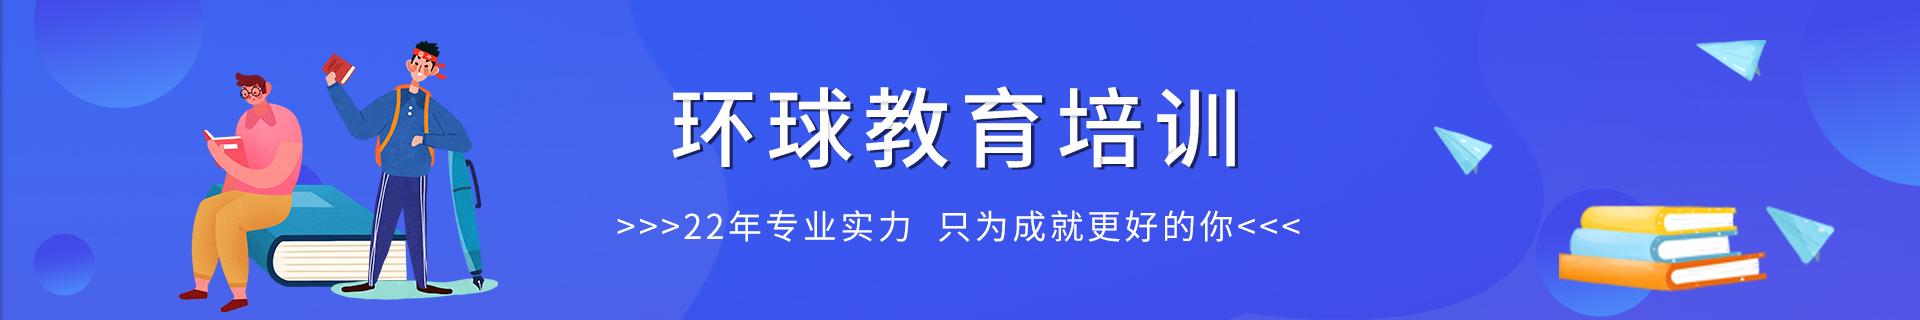 苏州平江环球教育培训机构